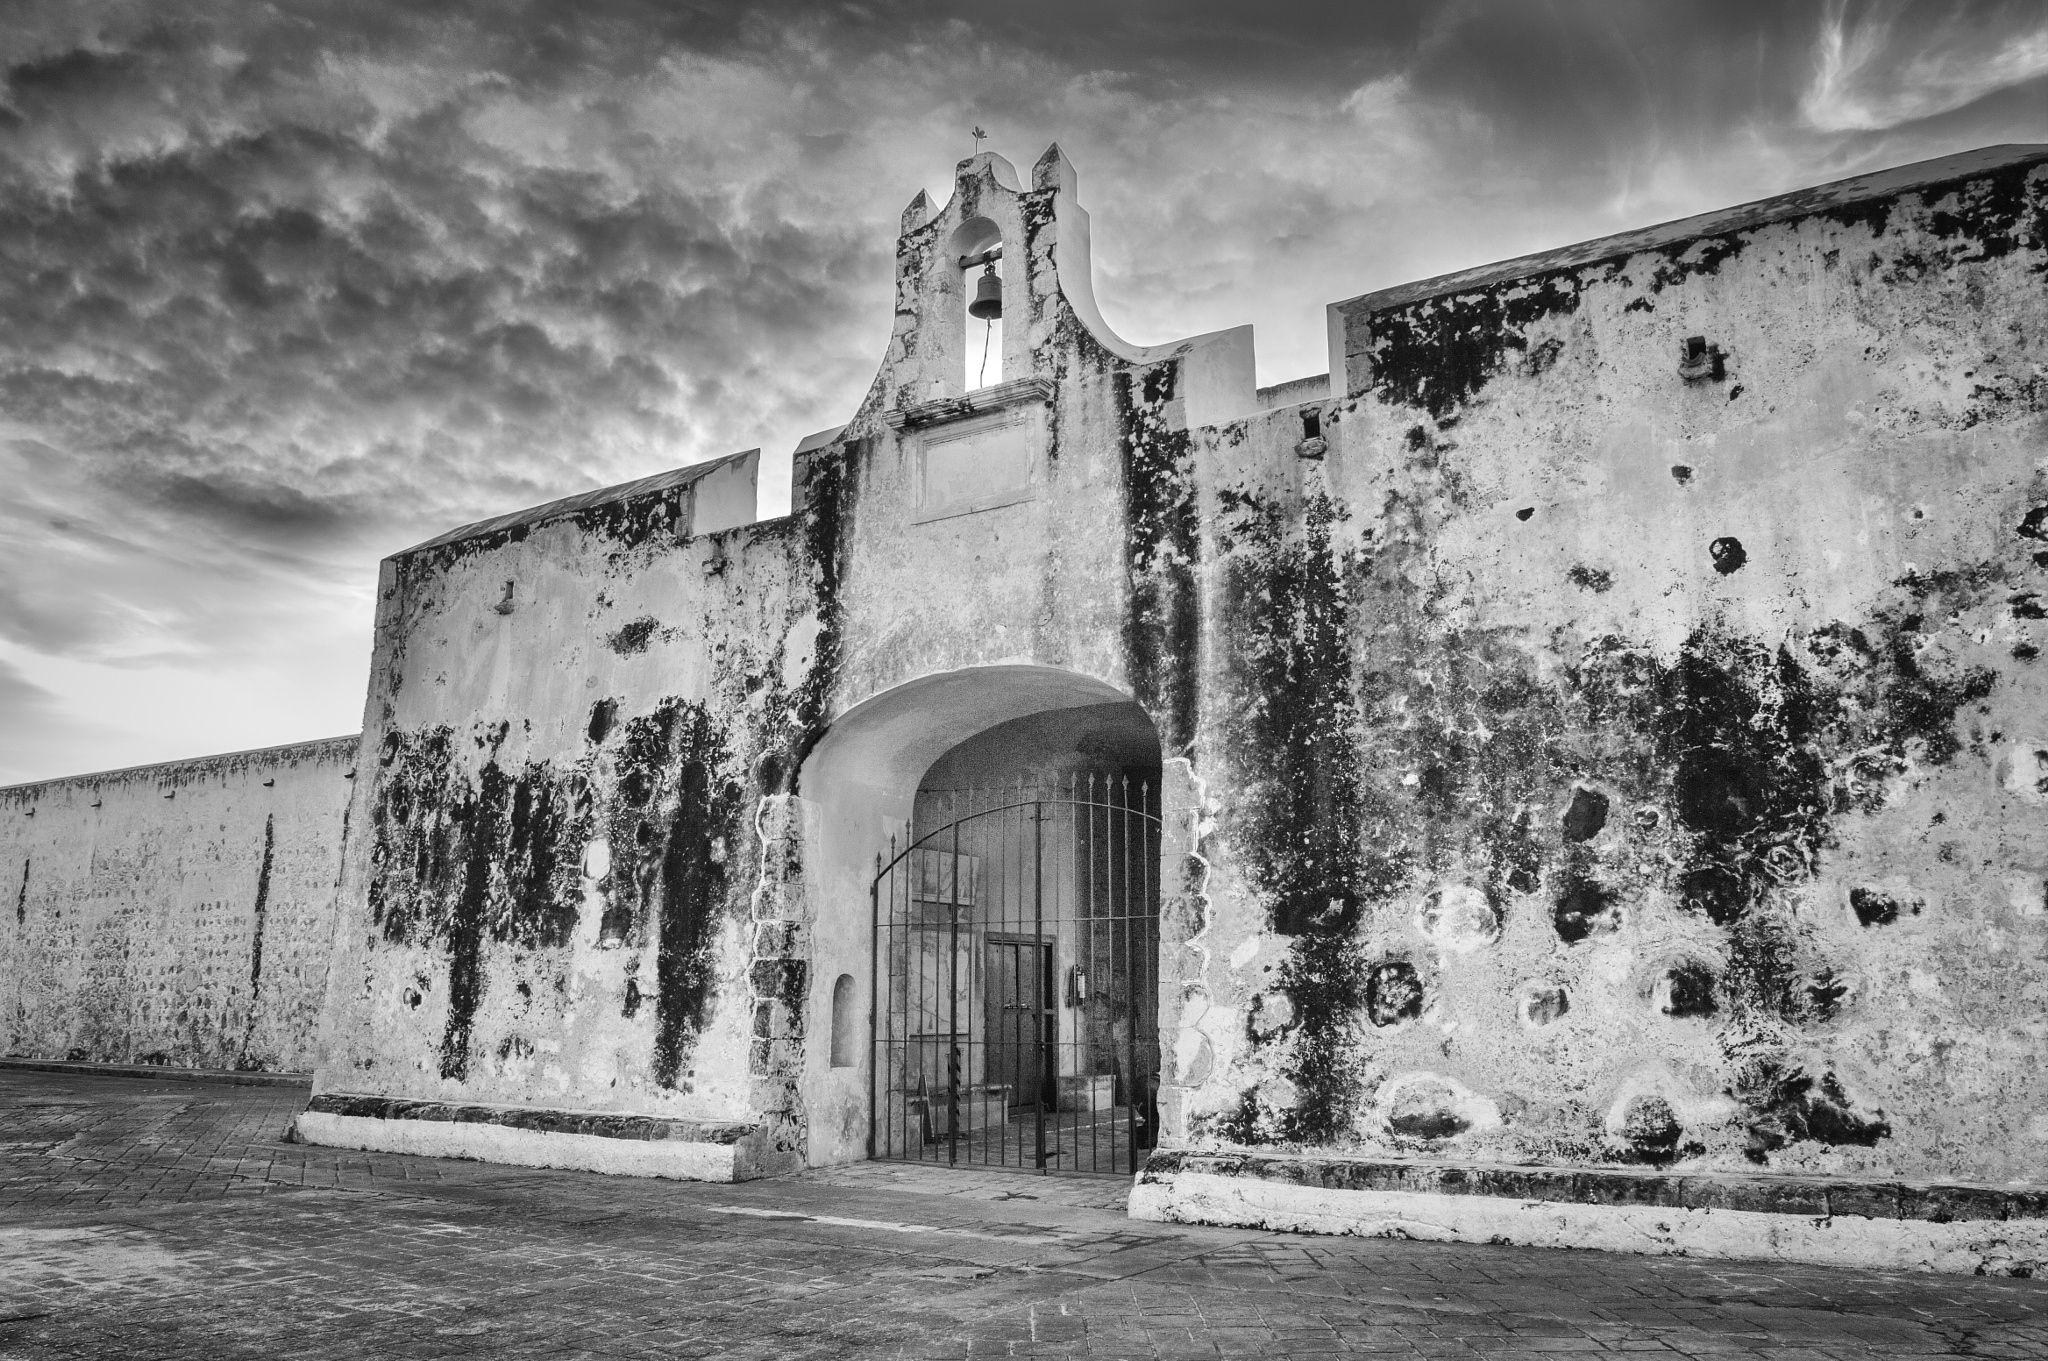 puerta de tierra tierra puertas